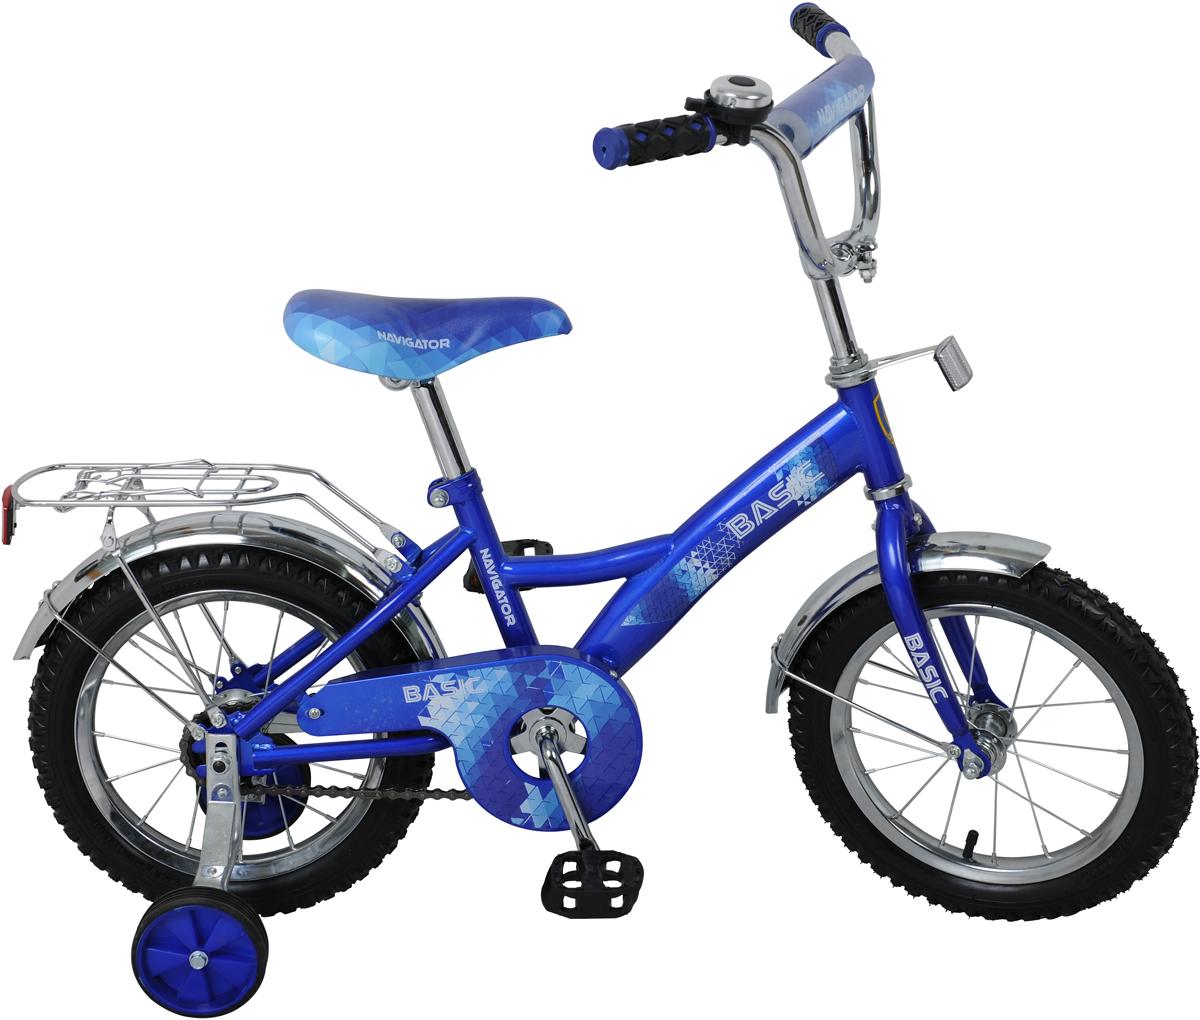 Велосипед детский NavigatorBasic, цвет: синий, колесо, 14